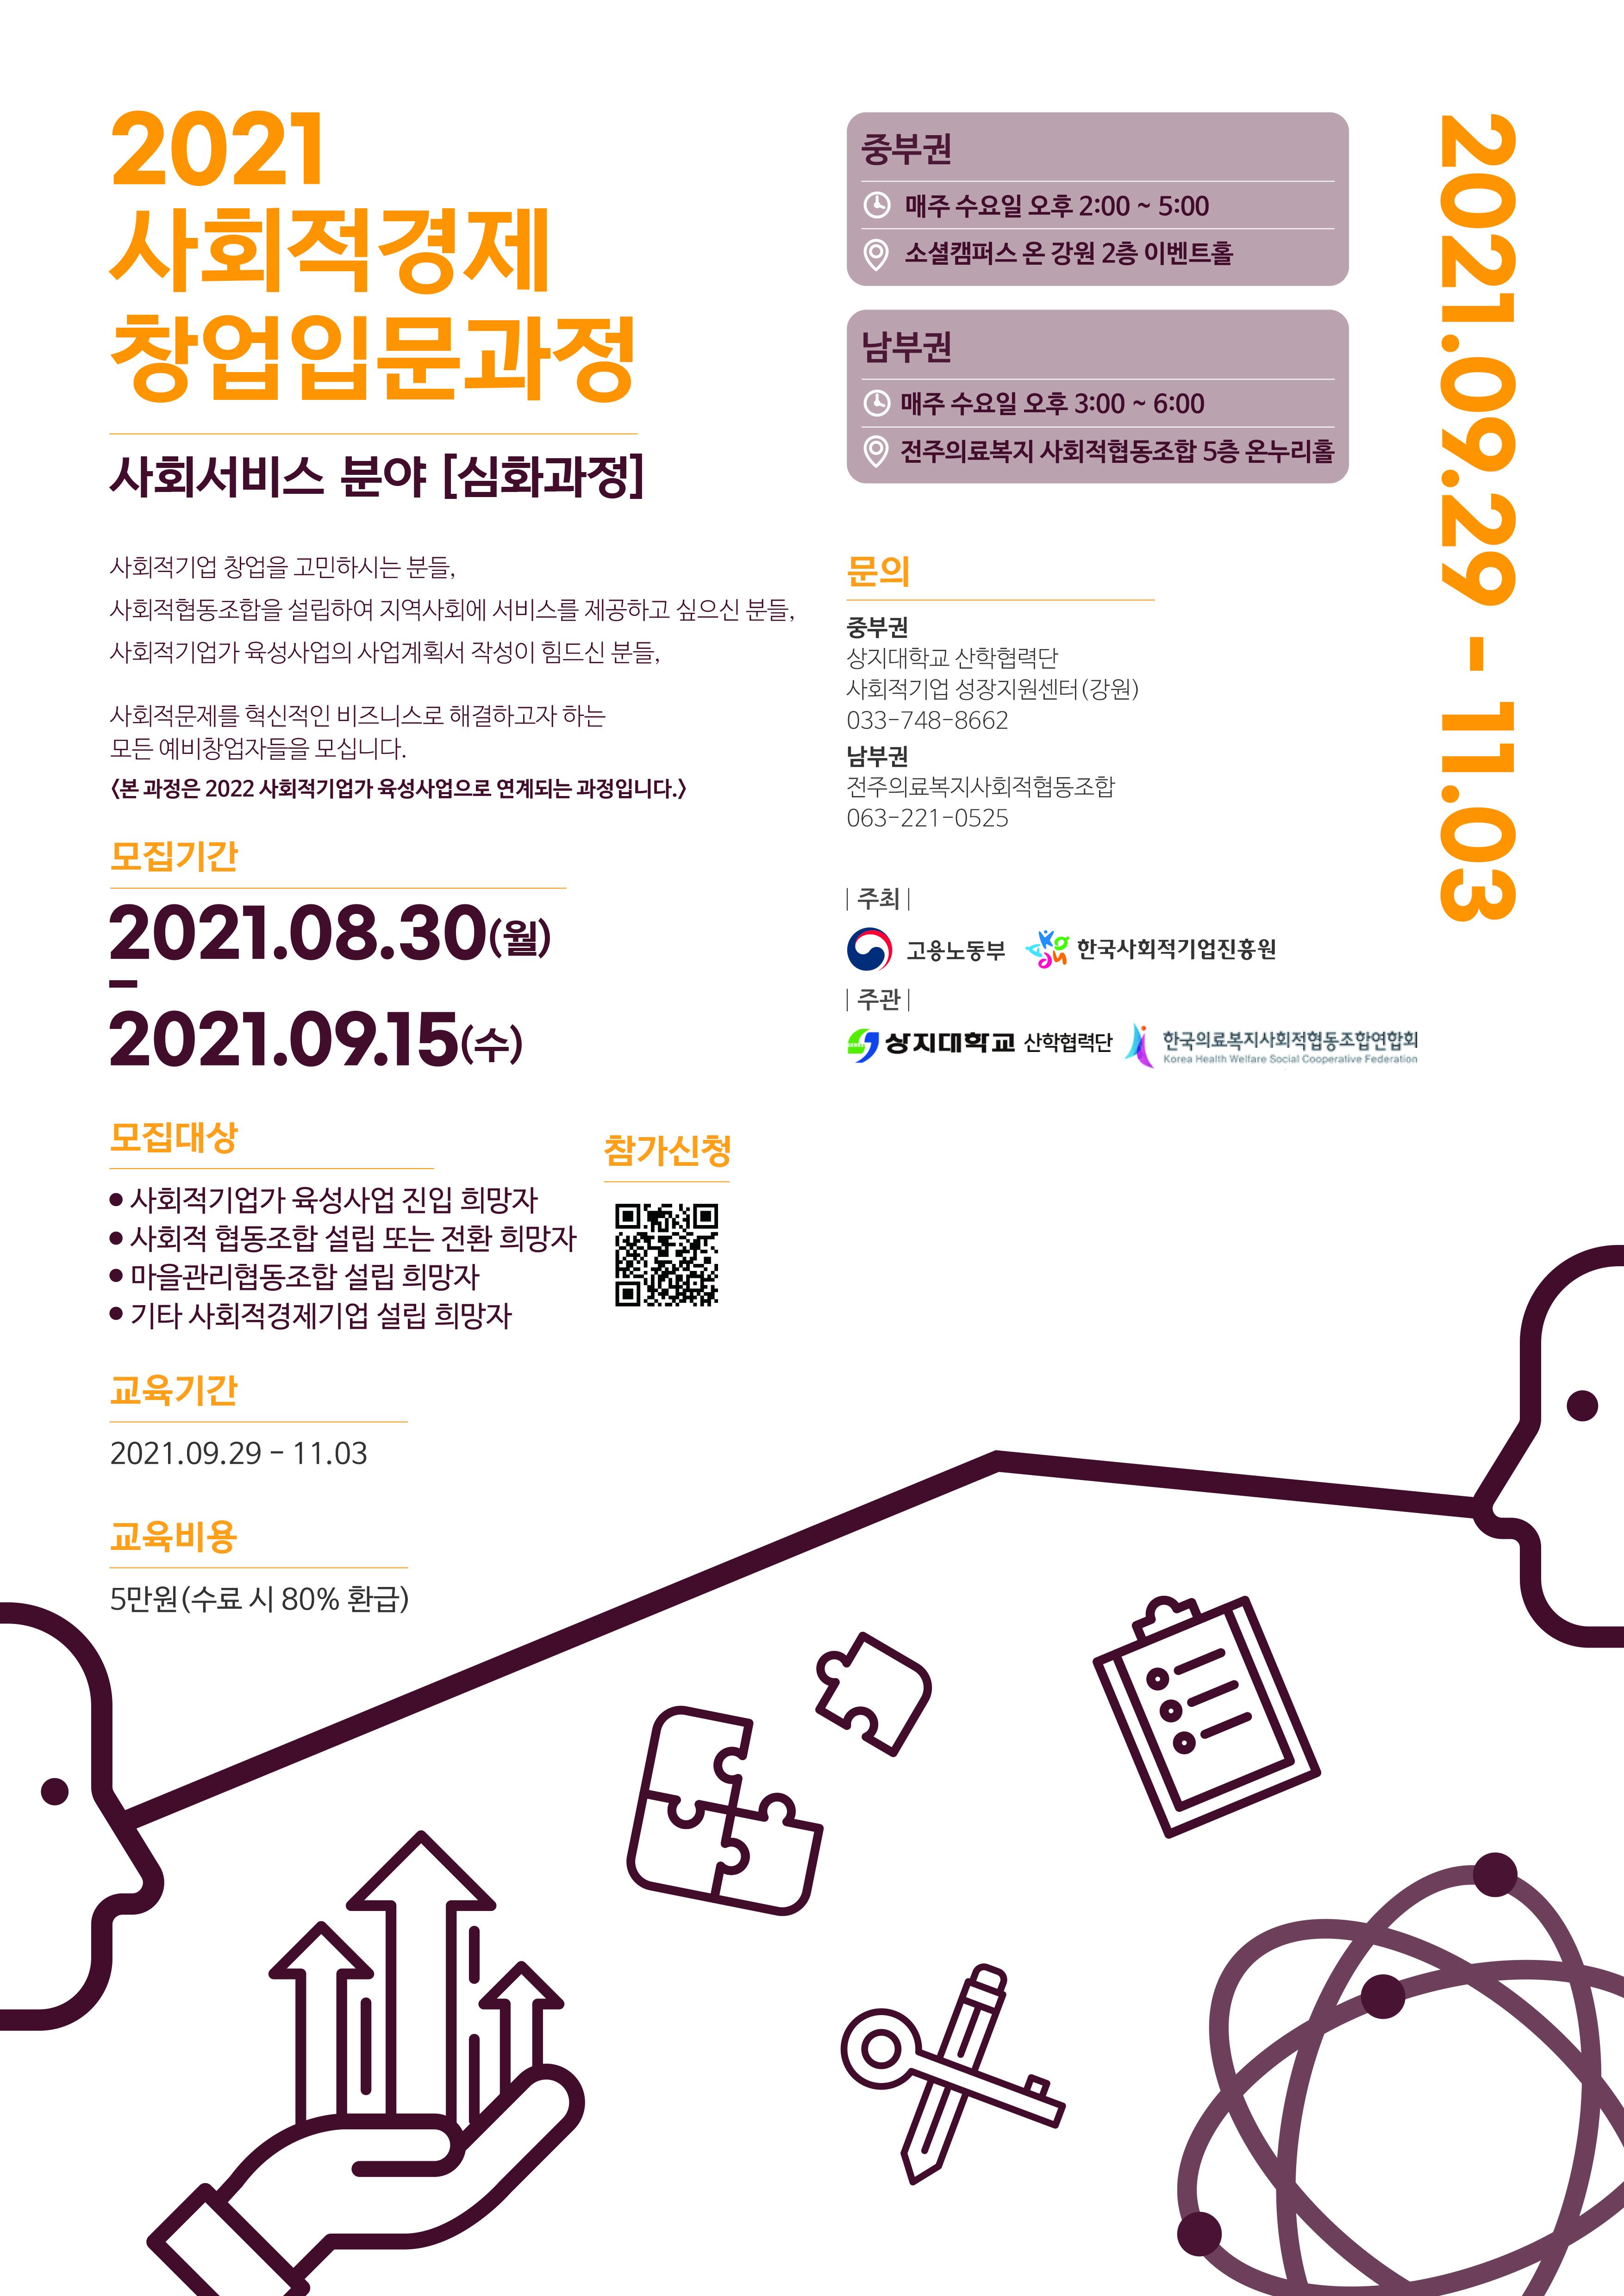 2021사회적경제 창업입문과정 사회서비스분야[심화과정] / 모집기간, 모집대상, 교육기간, 교육비용, 문의